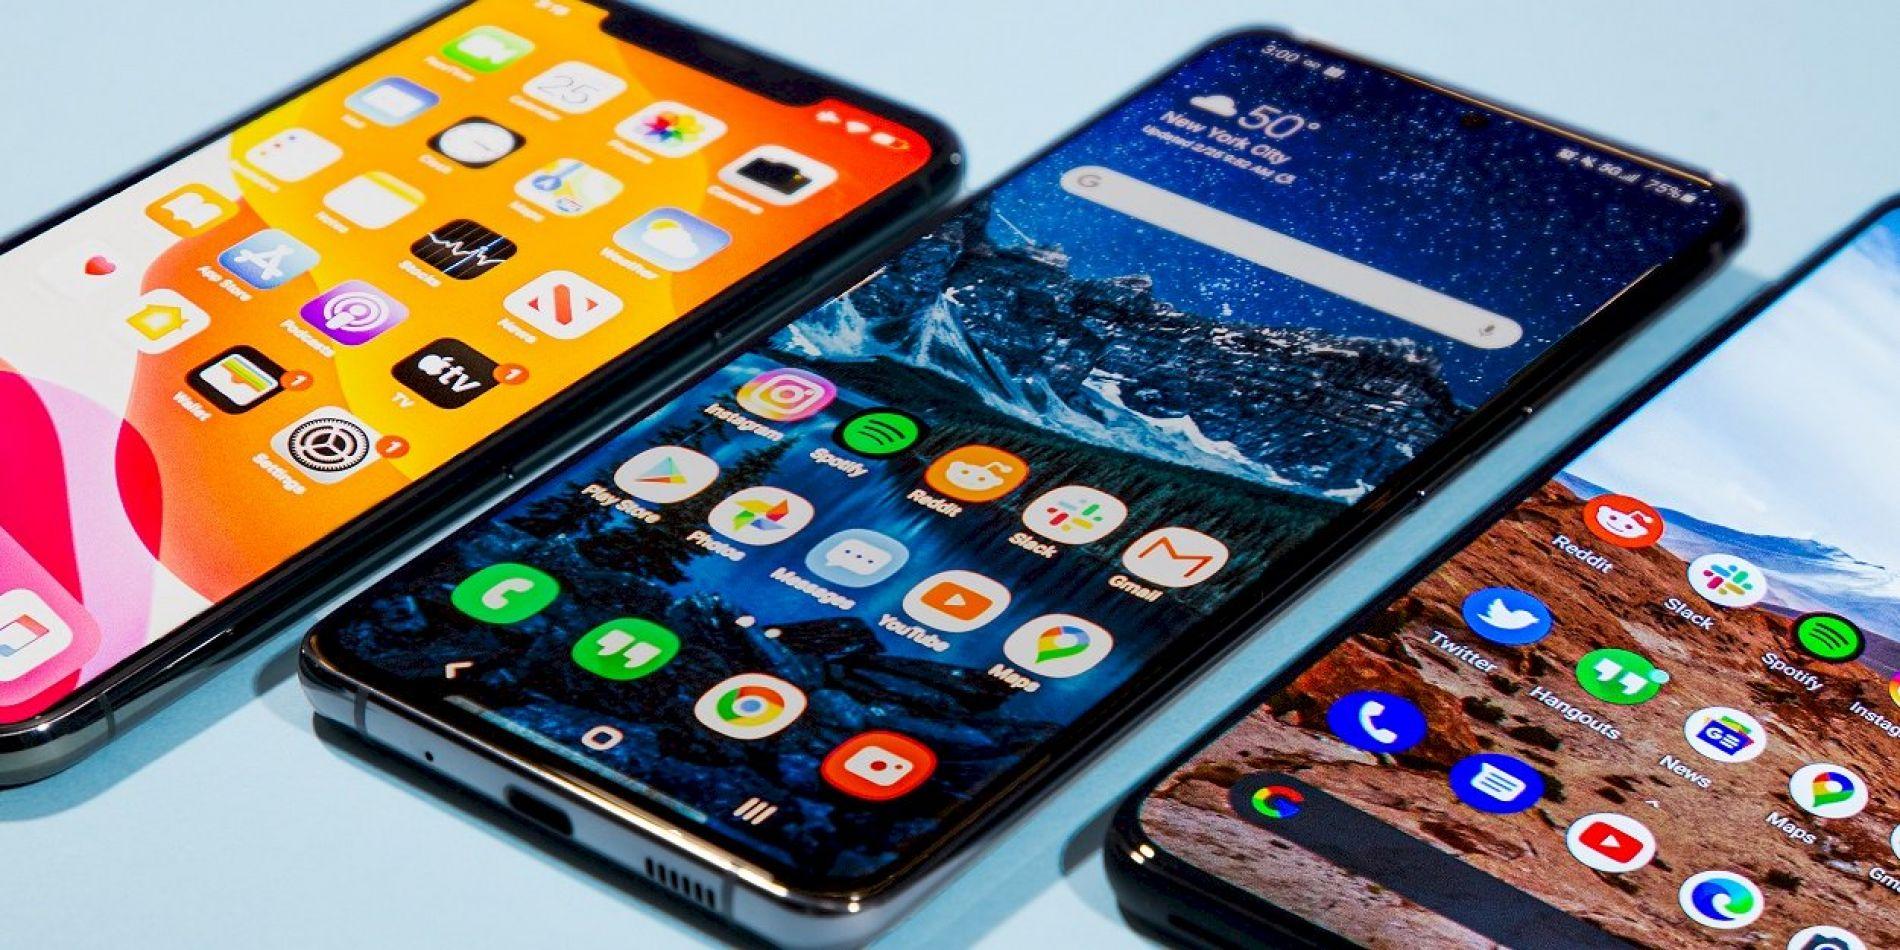 Promoción para comprar celulares en 18 cuotas fue lanzada por el Banco Nación y durará sólo 3 días